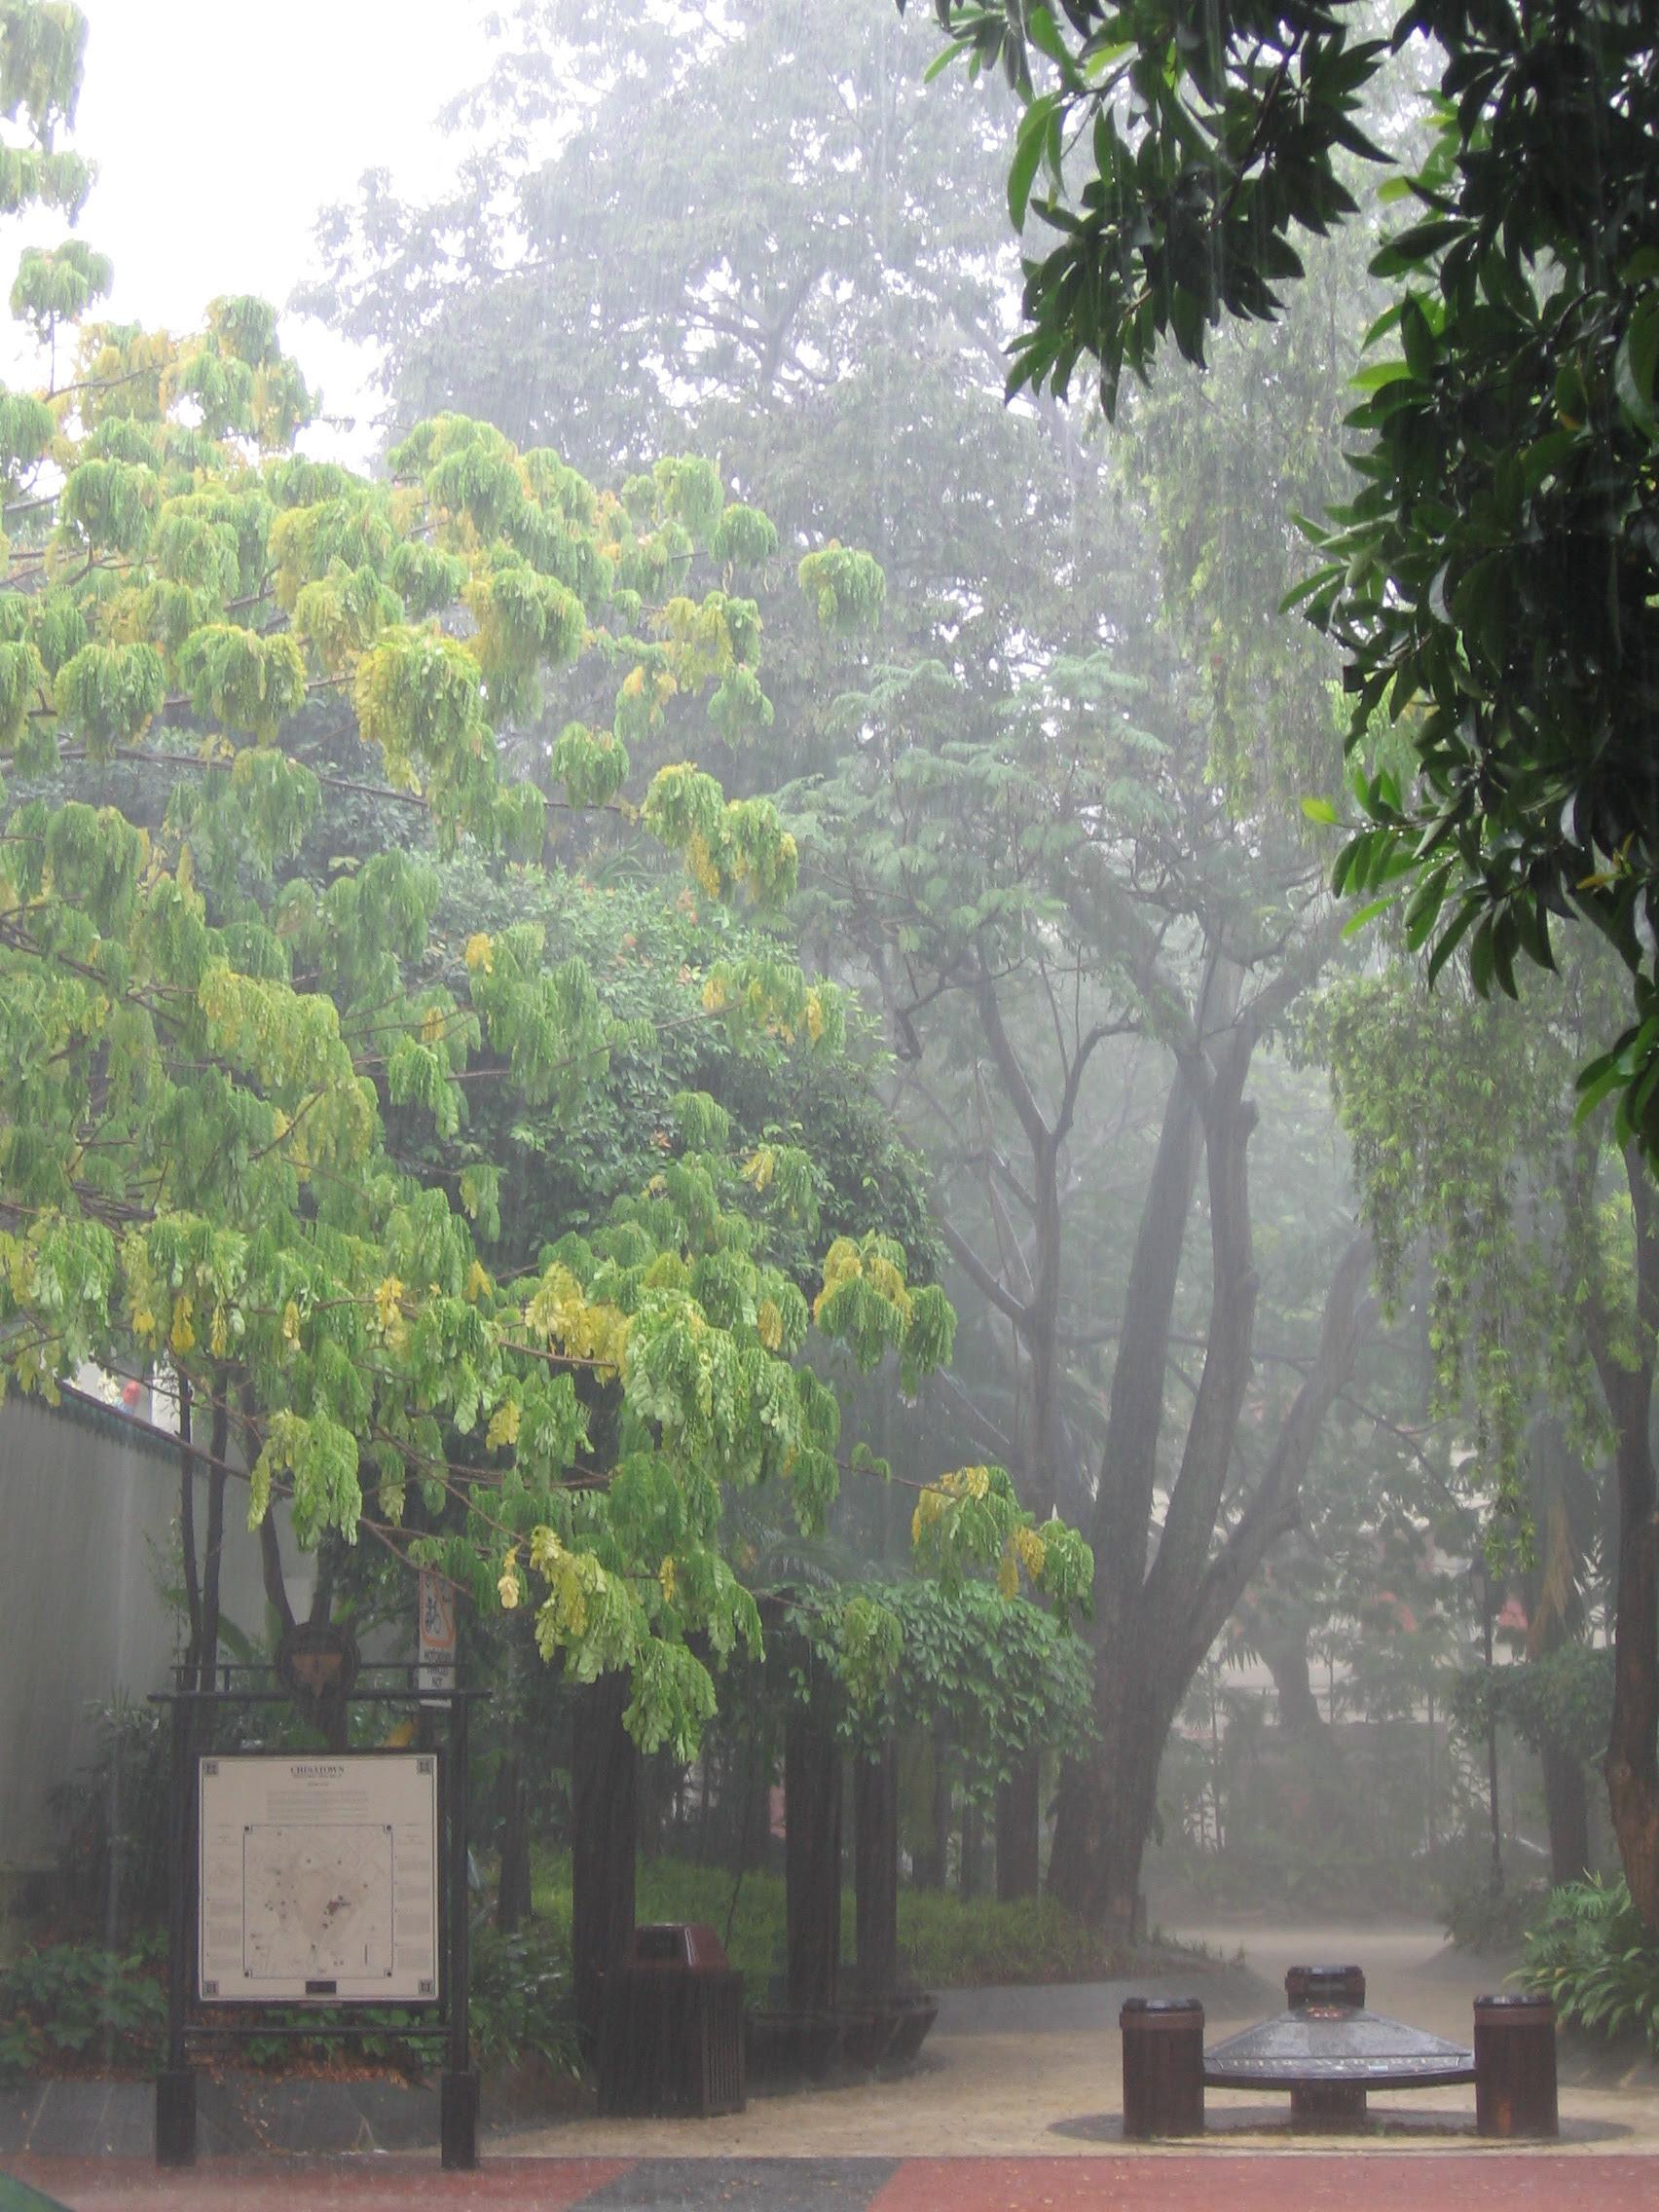 Las tormentas vespertinas se producen con frecuencia en Singapur, que tiene un clima tropical húmedo.